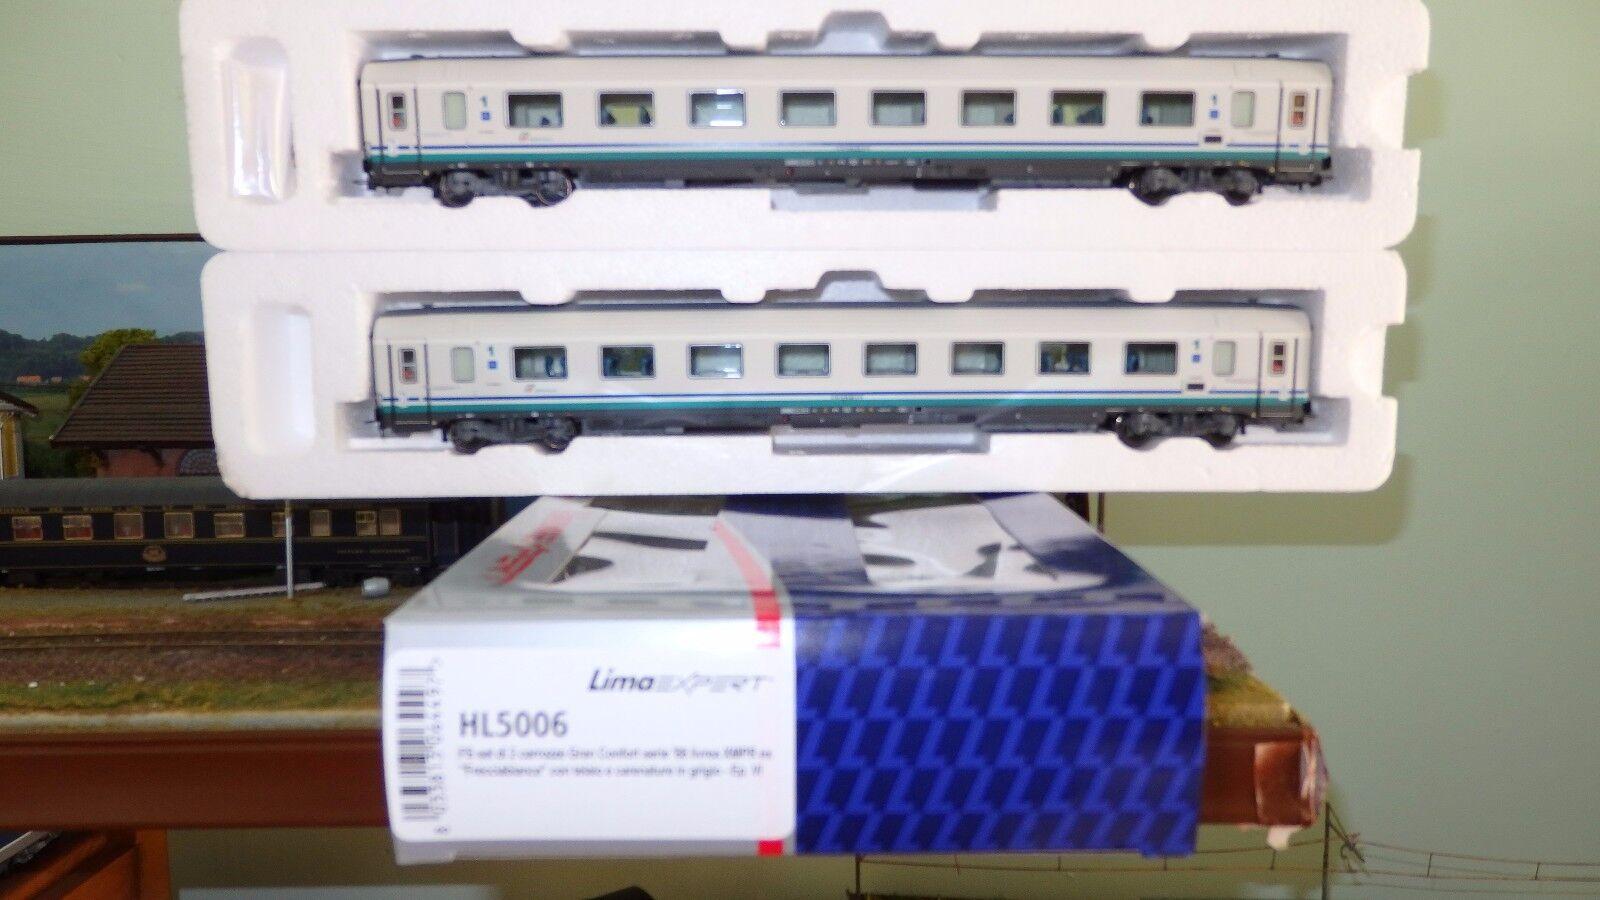 Lima Expert HL5006 Set 2 Gran Confort 1985 1a Class Xmpr Frame Dark Grey